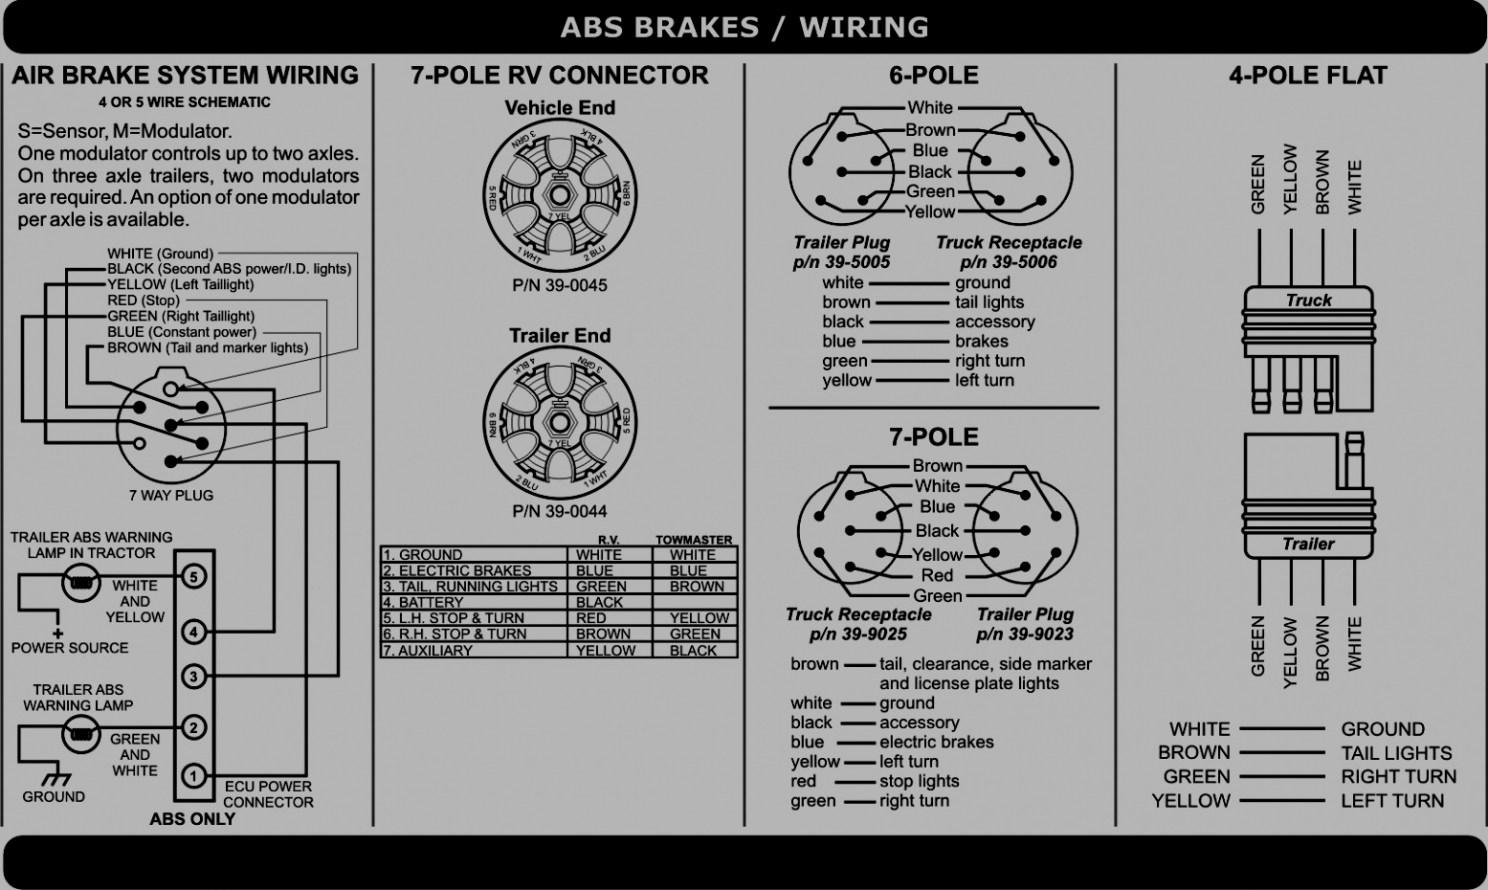 Hudson Brothers Trailer Wiring Diagram - Car Interior Light Wiring Diagram  - pipiing.yenpancane.jeanjaures37.frWiring Diagram Resource